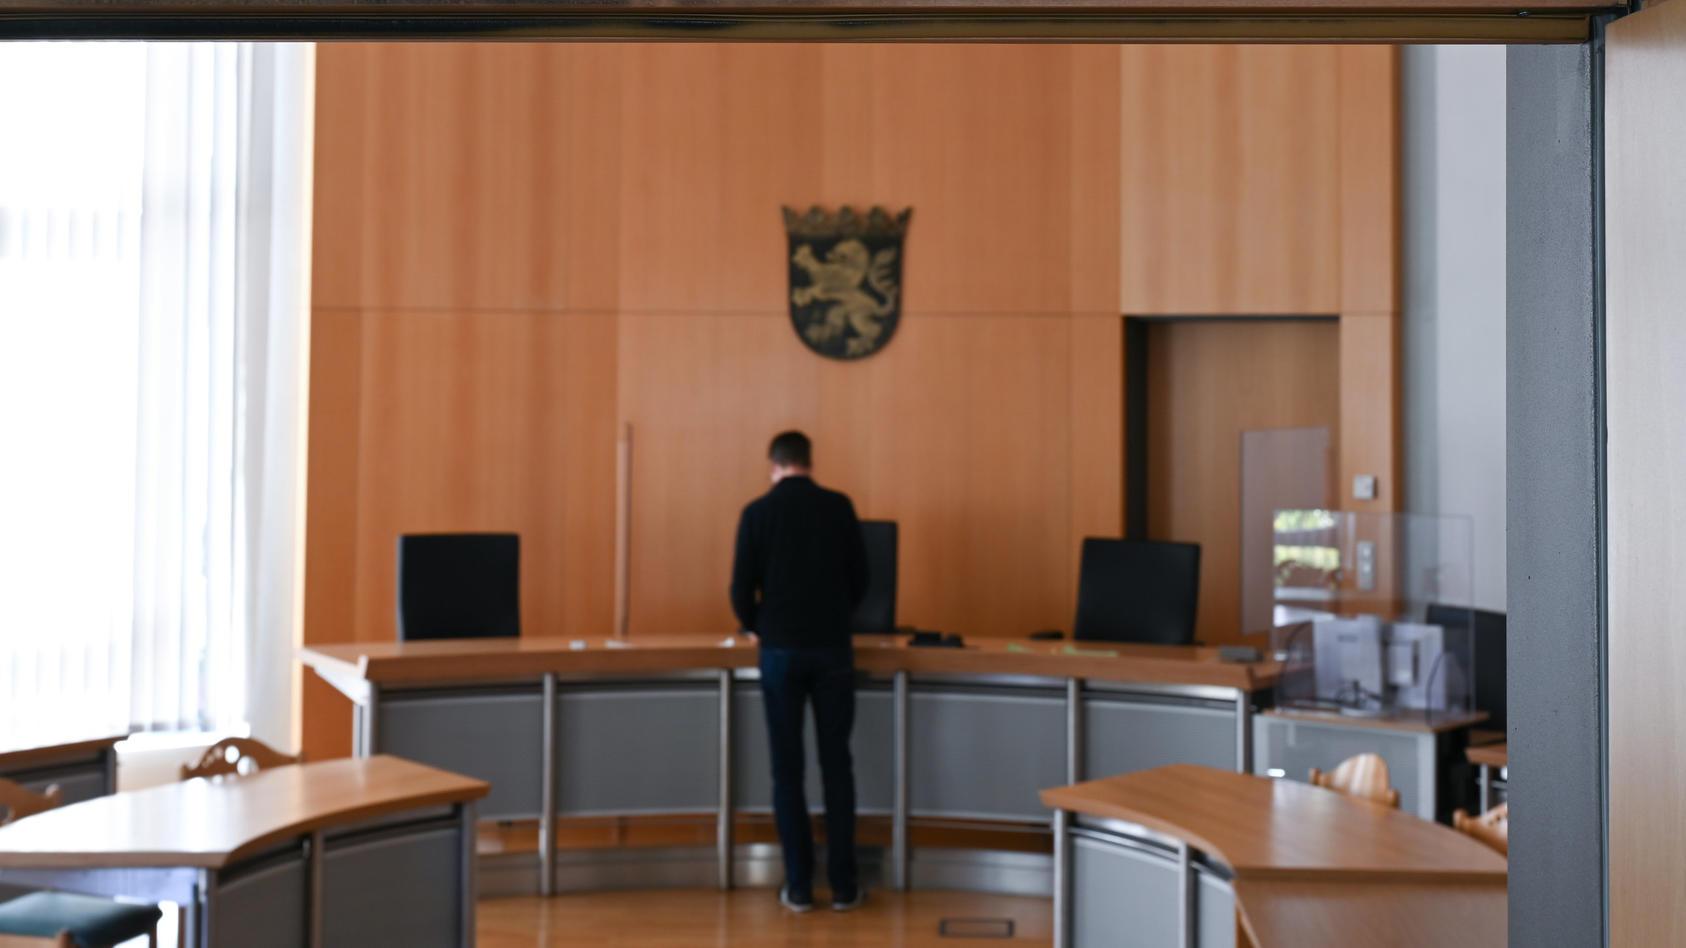 Das Amtsgericht Alsfeld hat einen jungenHacke zu neun Monaten Jugendstrafe auf Bewährung verurteilt.